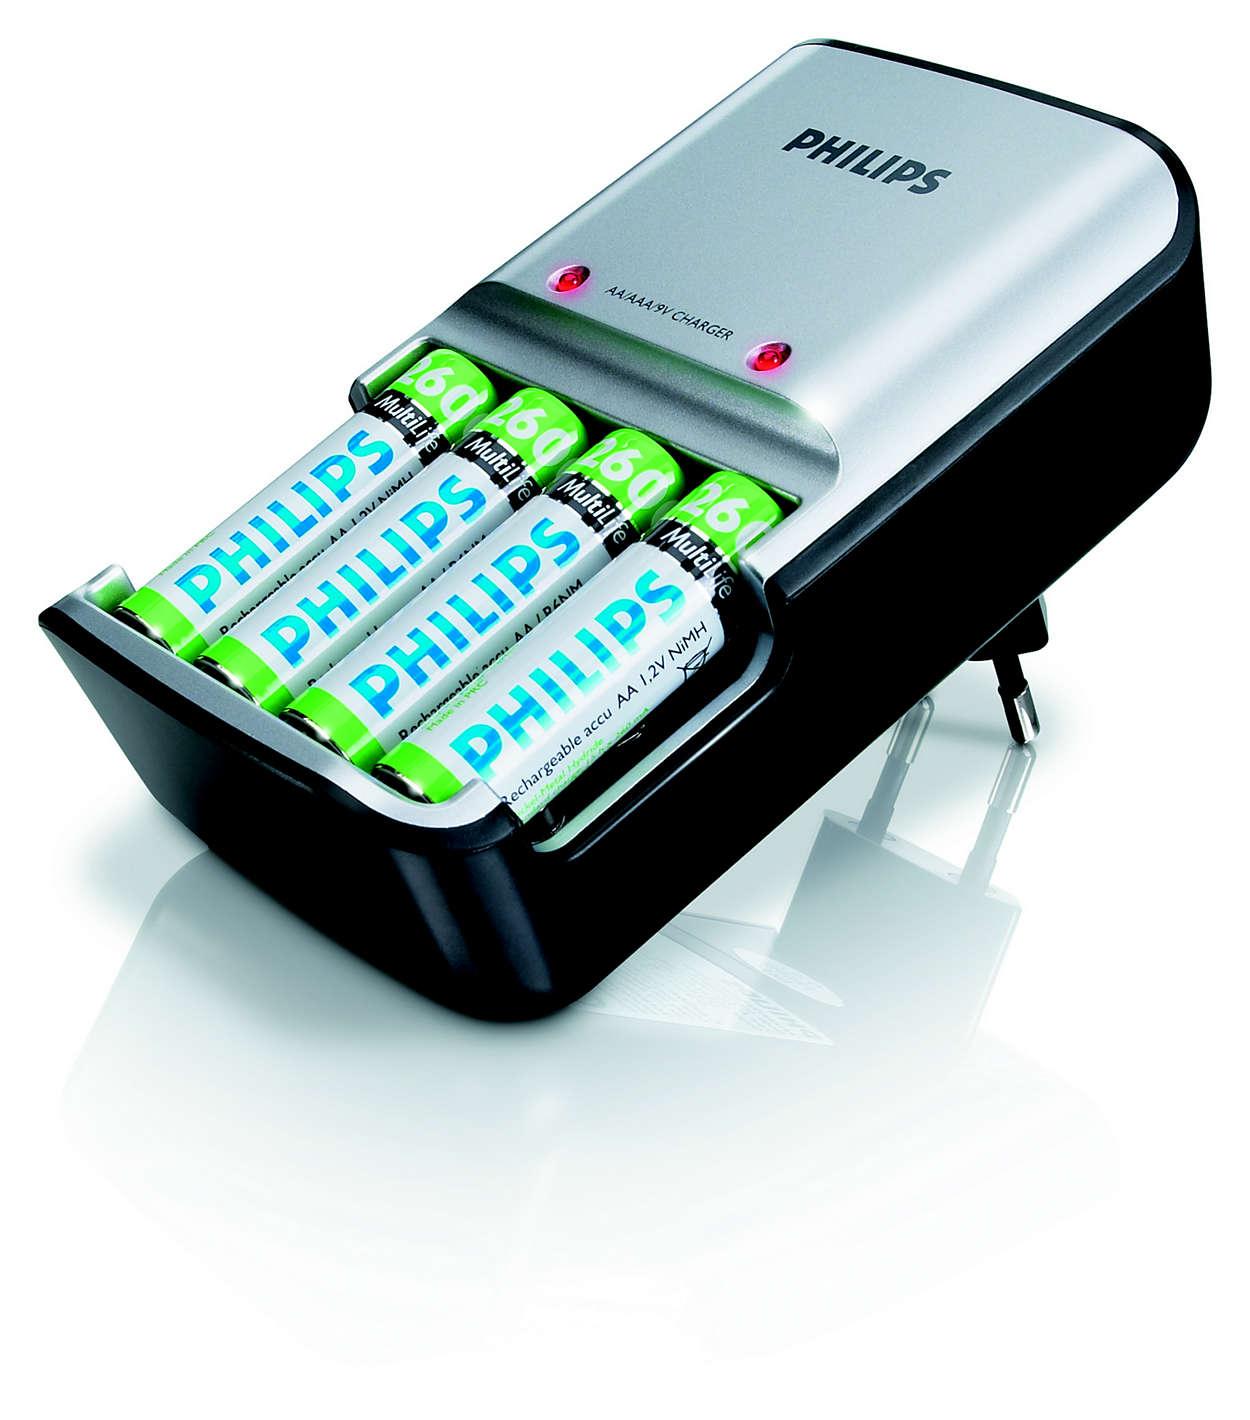 Ricarica completamente le tue batterie in massimo 5 ore